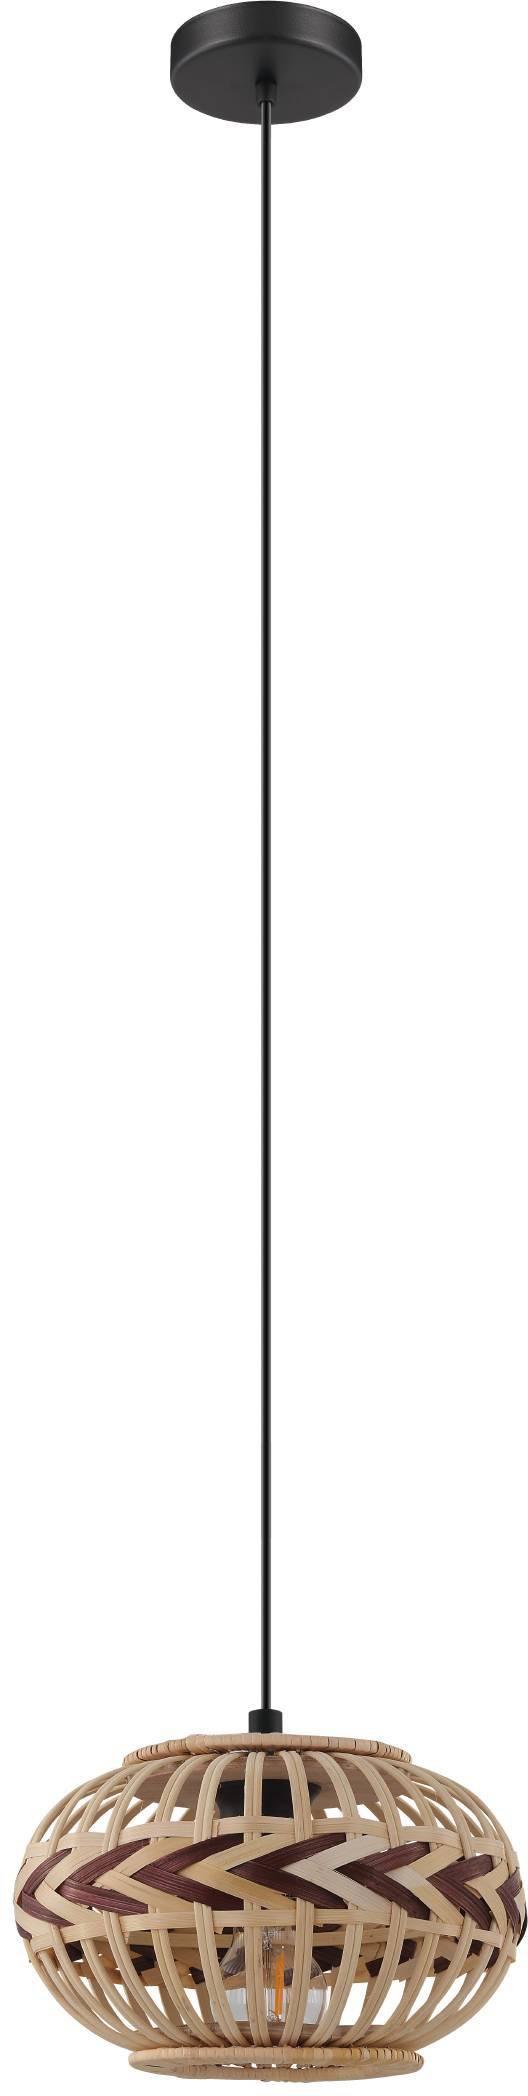 EGLO Hängeleuchte Dondarrion, E27, Holzkorb geflochten, Natur, Braun, Vintage, Hygge, Boho, 1-flammig